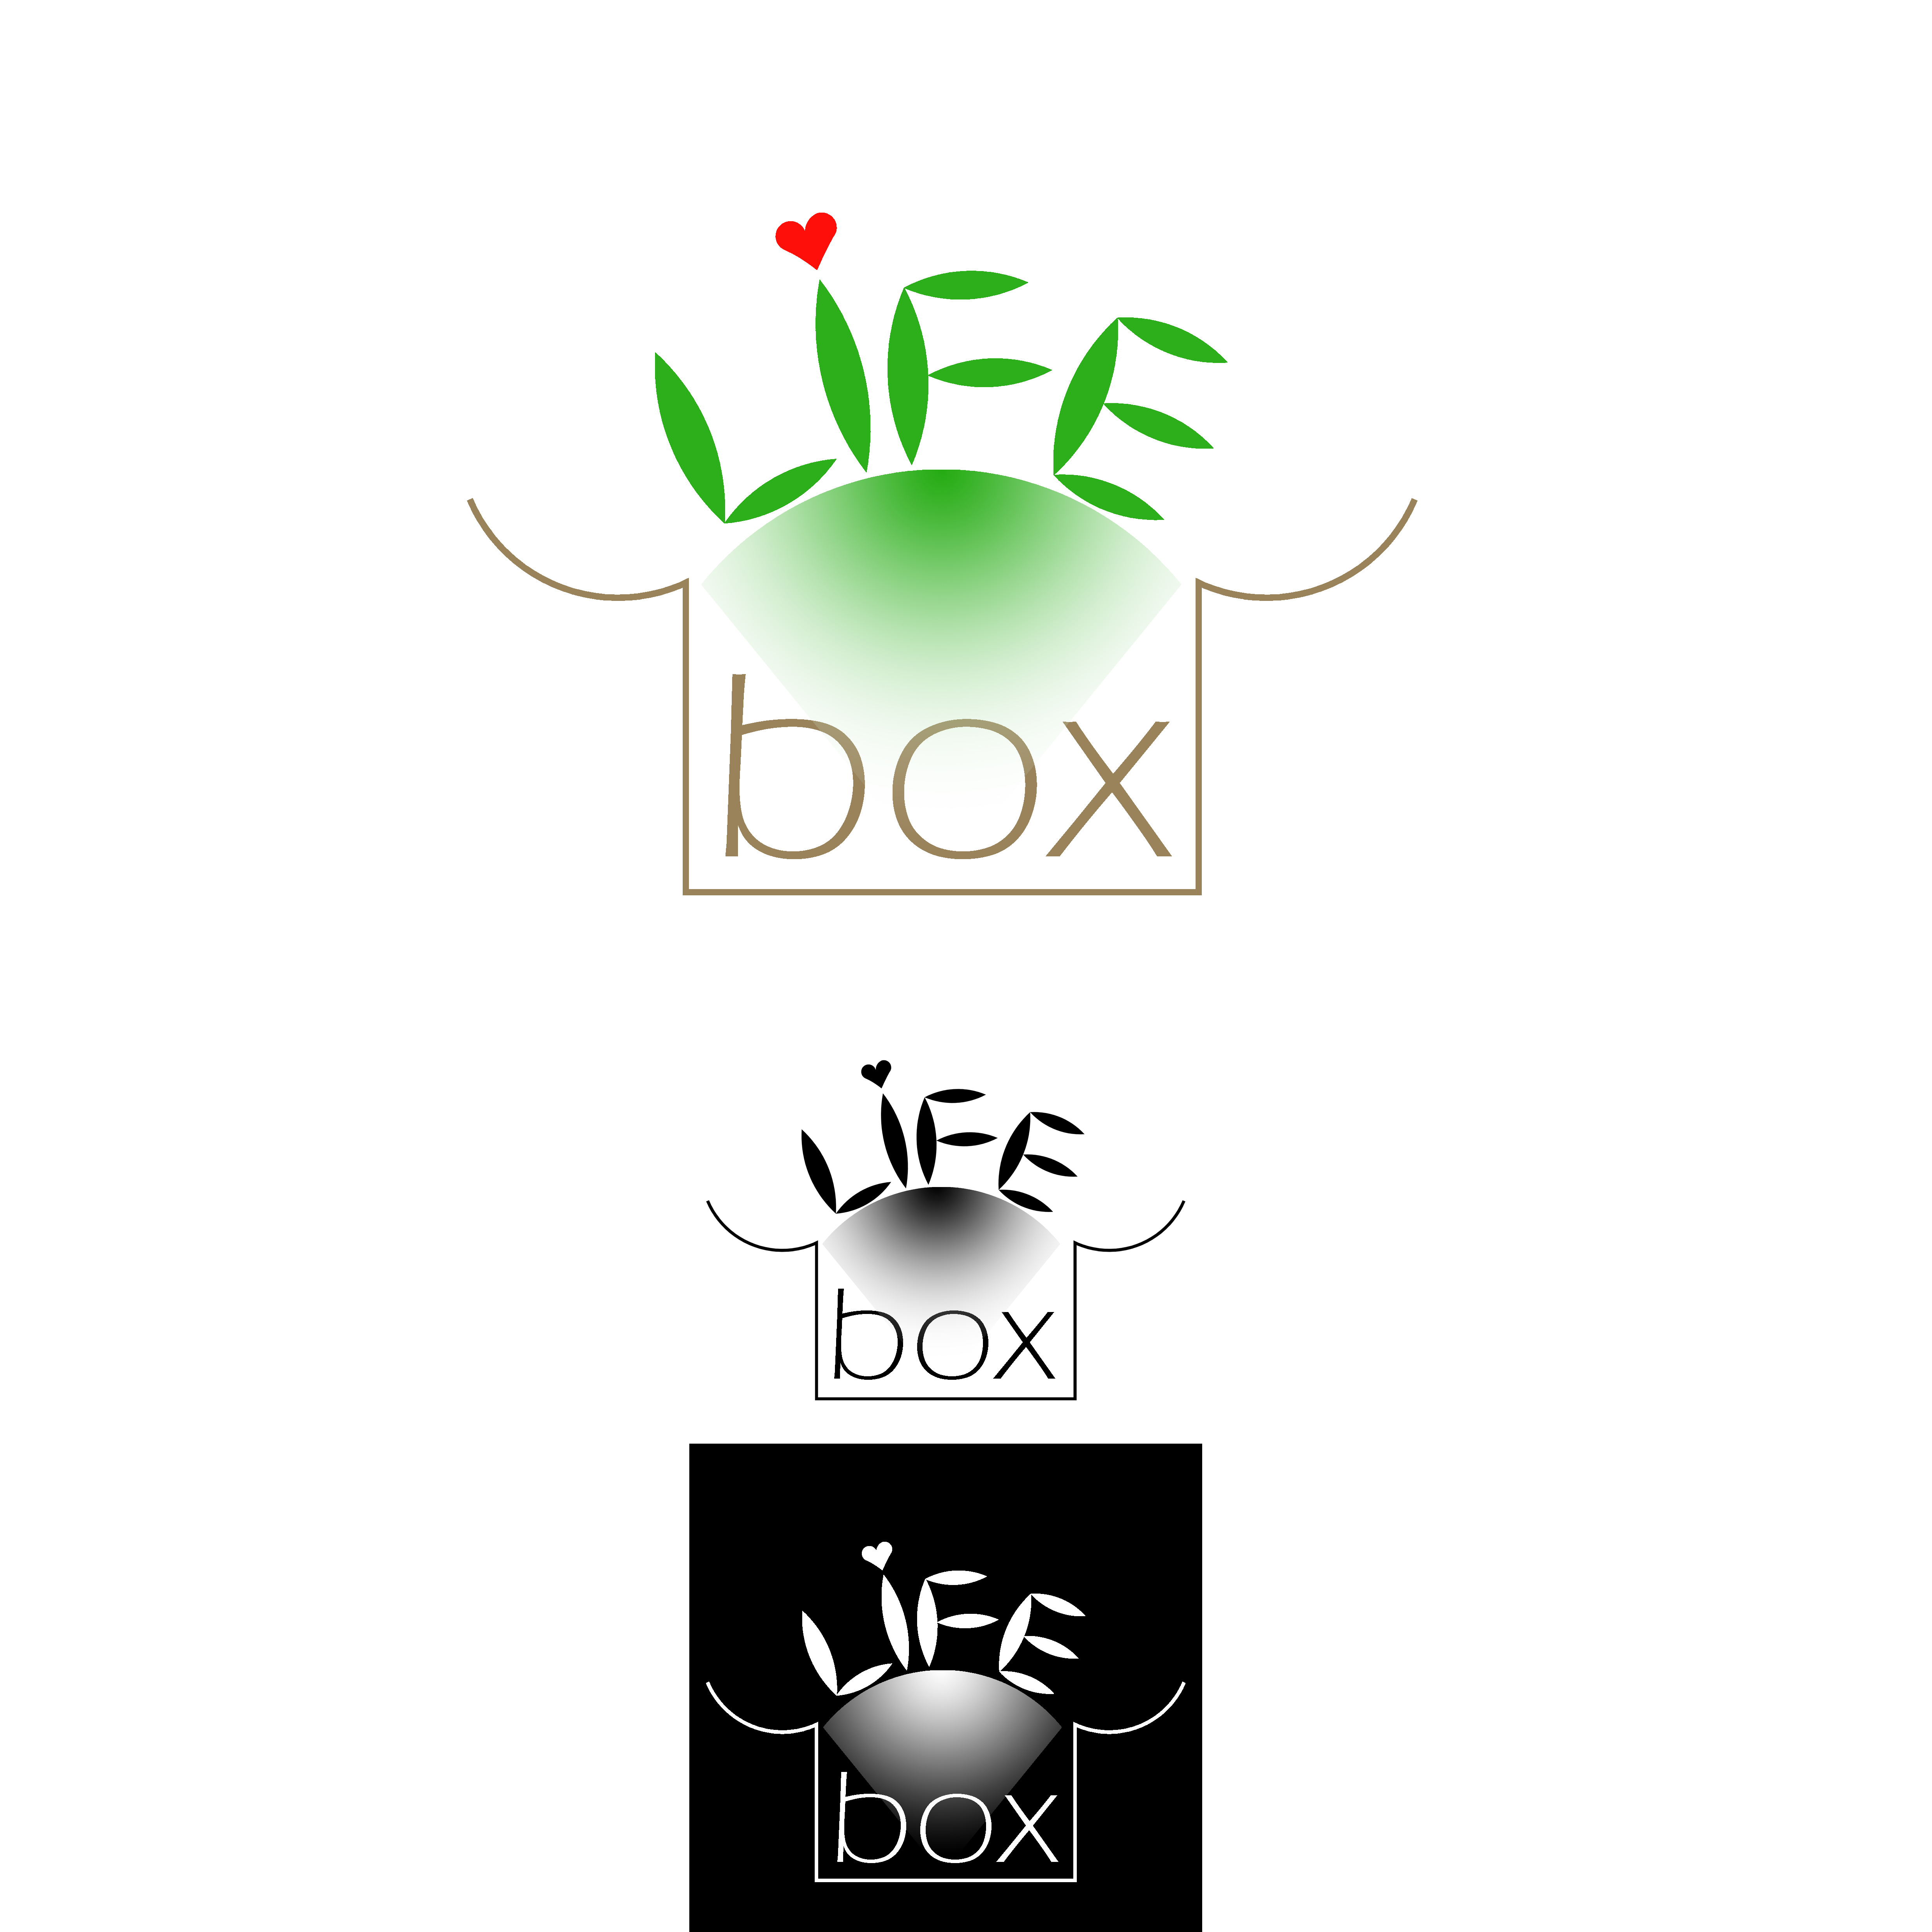 Разработка Логотипа. Победитель получит расширеный заказ  фото f_7085c25e743bf978.jpg